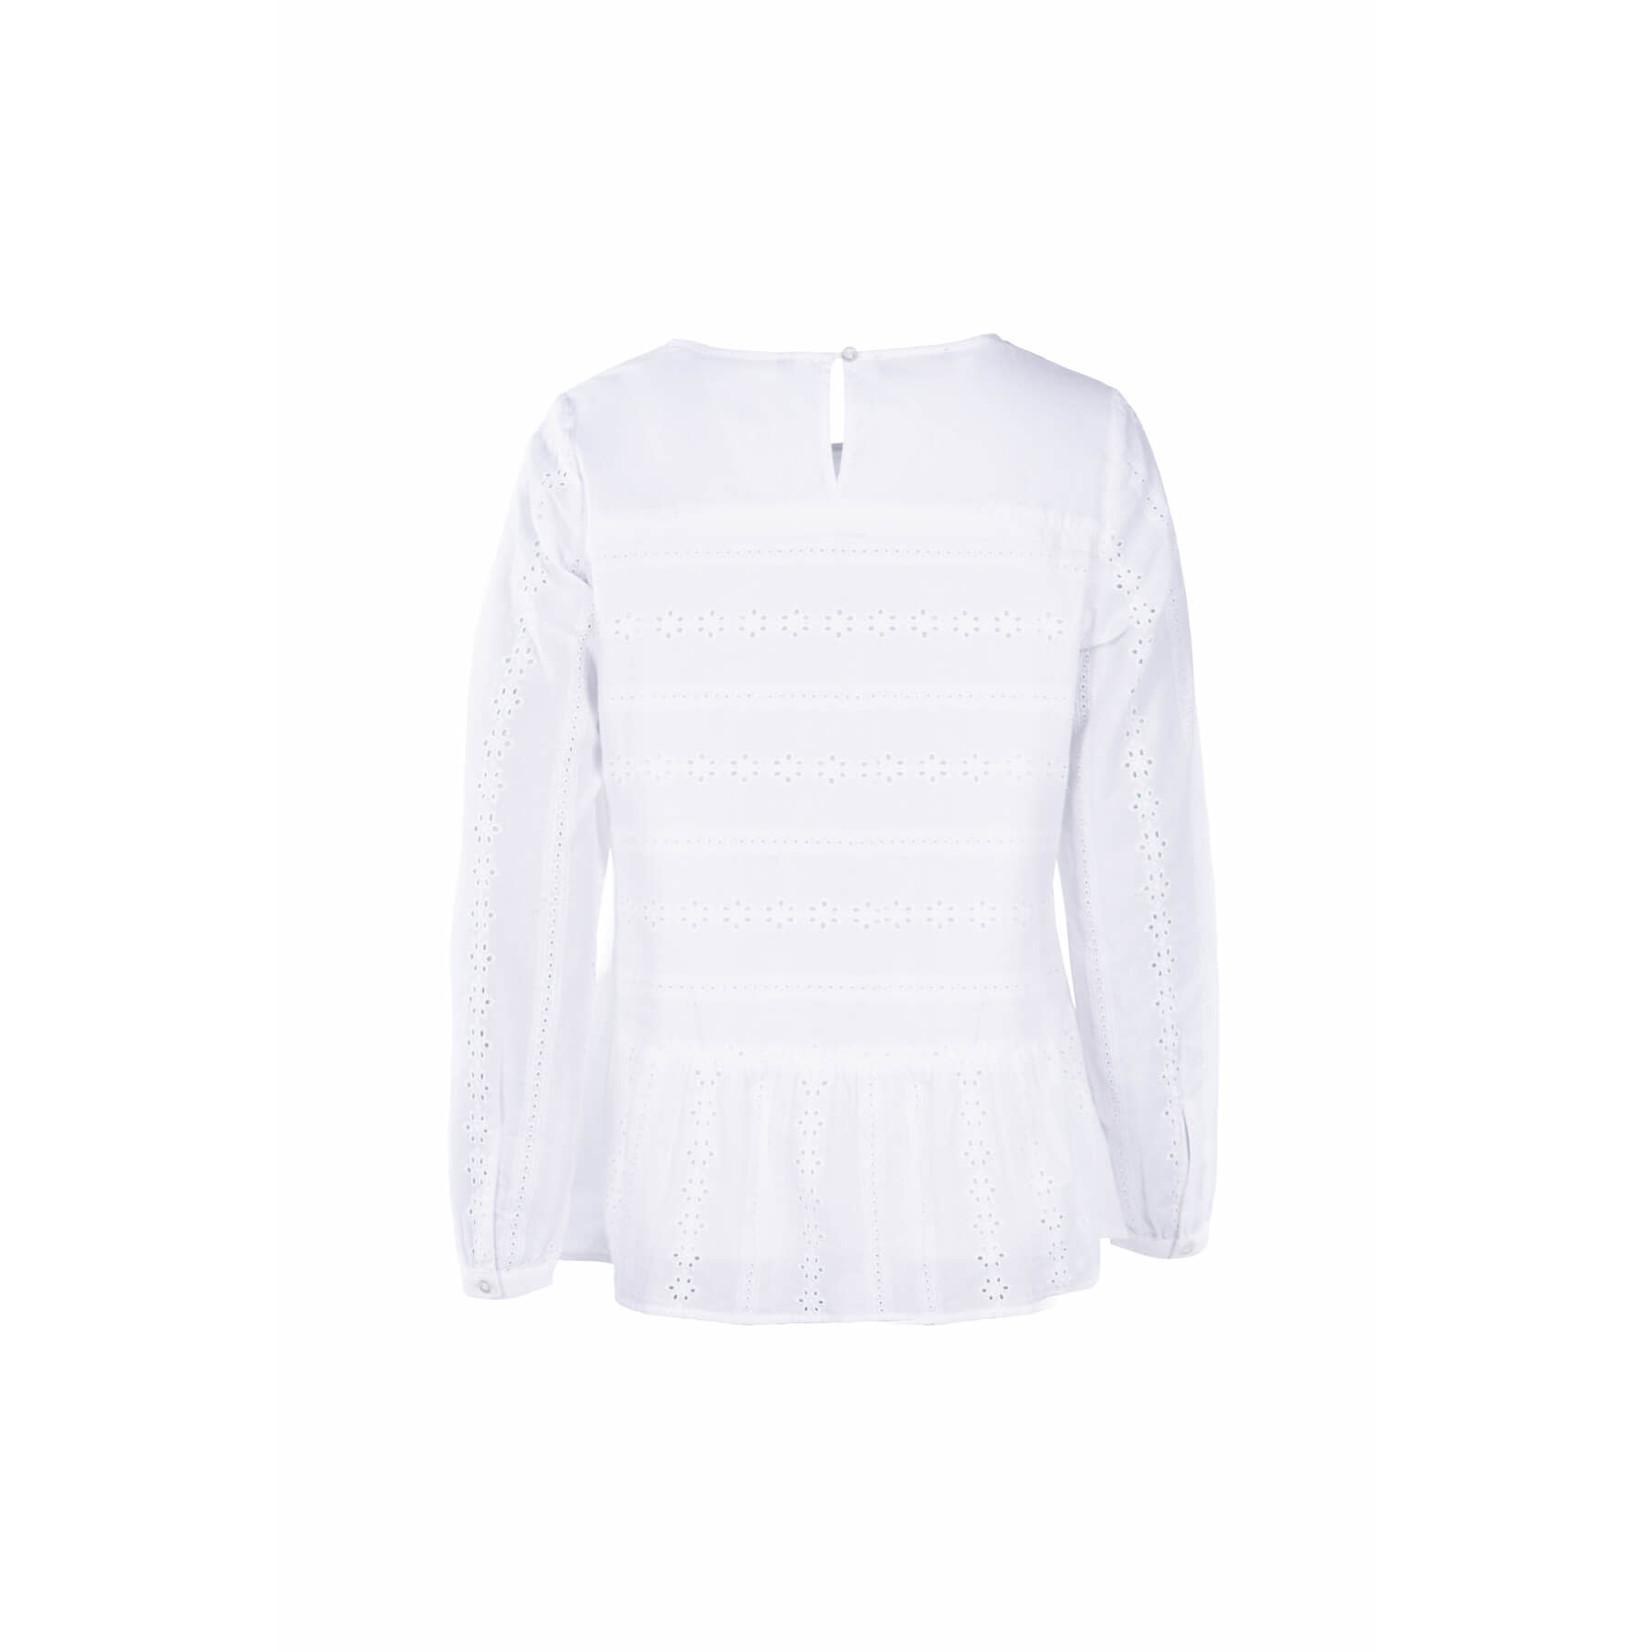 Soquesto Soquesto bluse 6160-501811 white